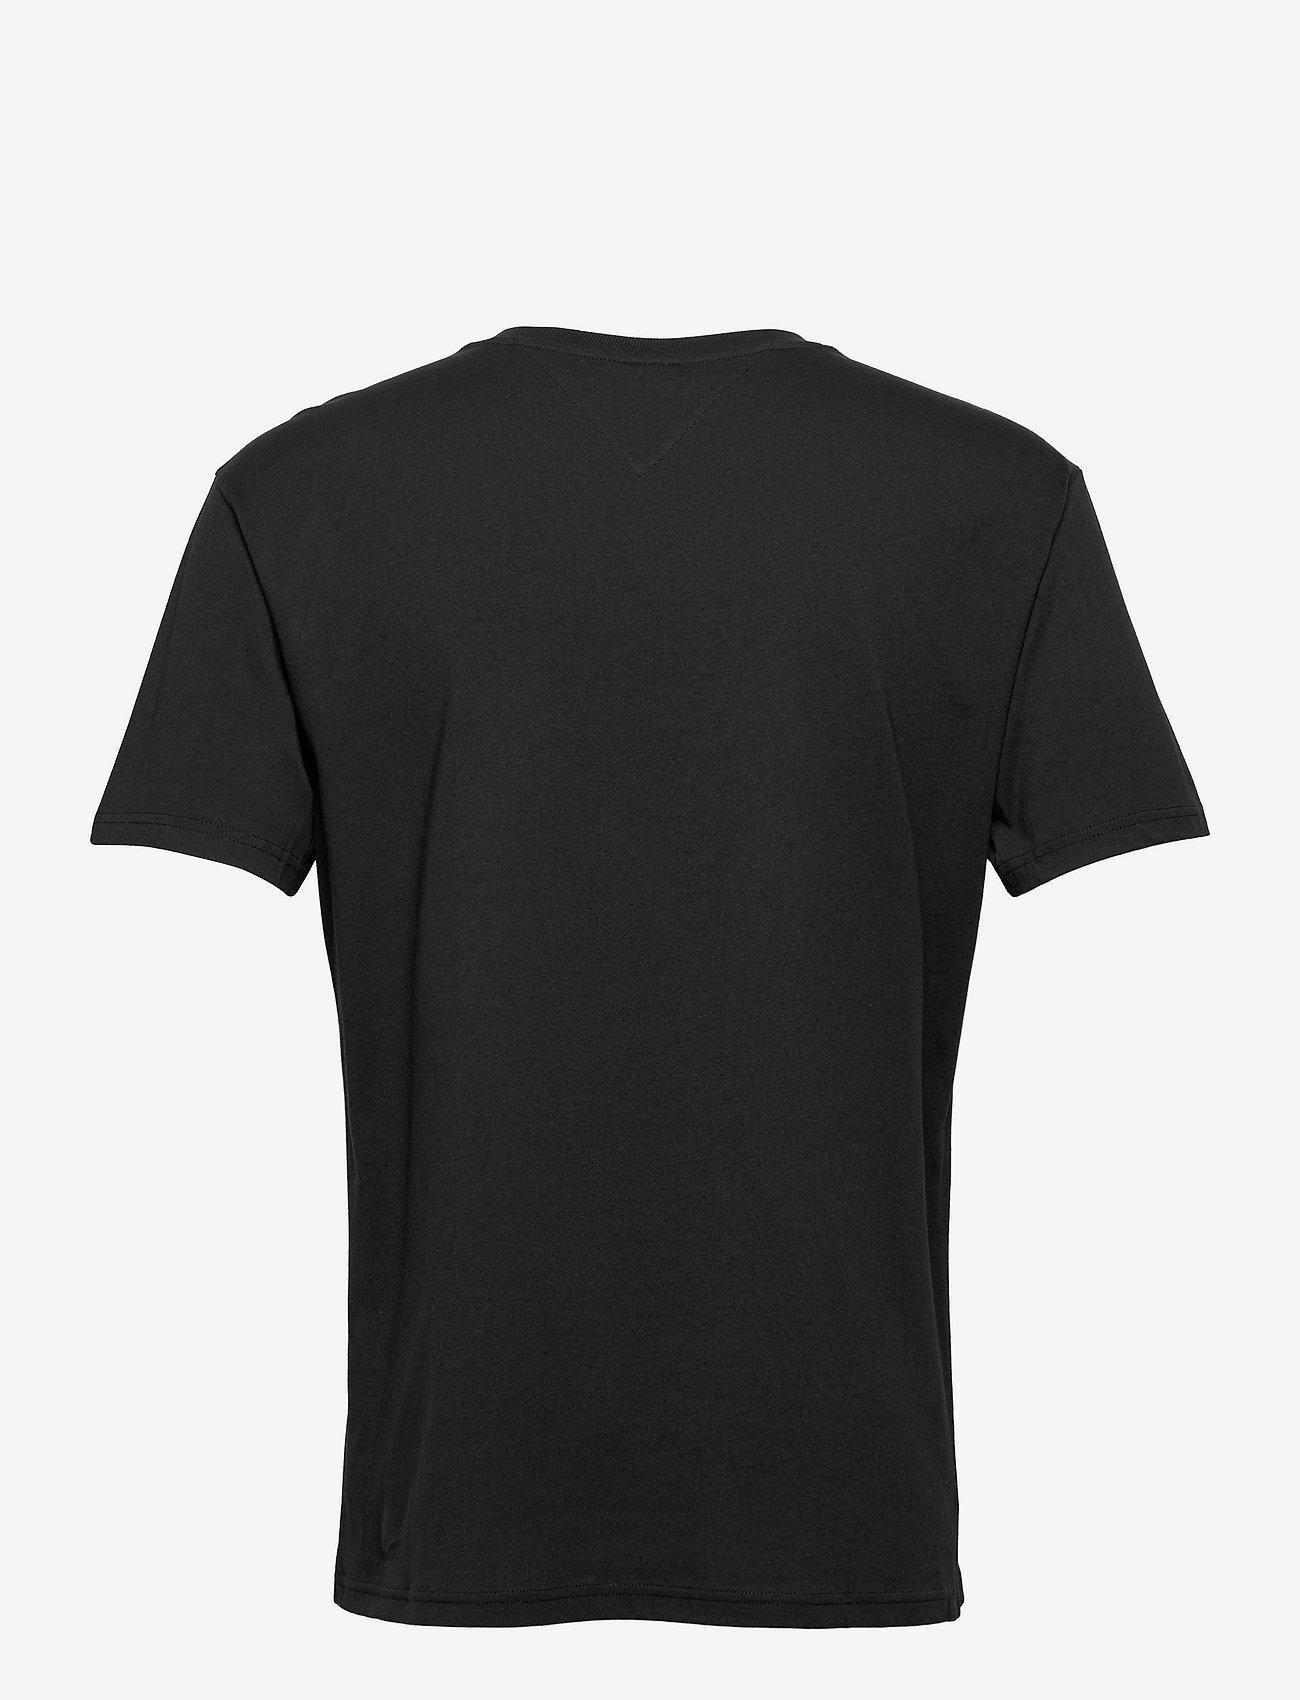 Tommy Jeans - TJM SMALL TEXT TEE - kortärmade t-shirts - black - 1